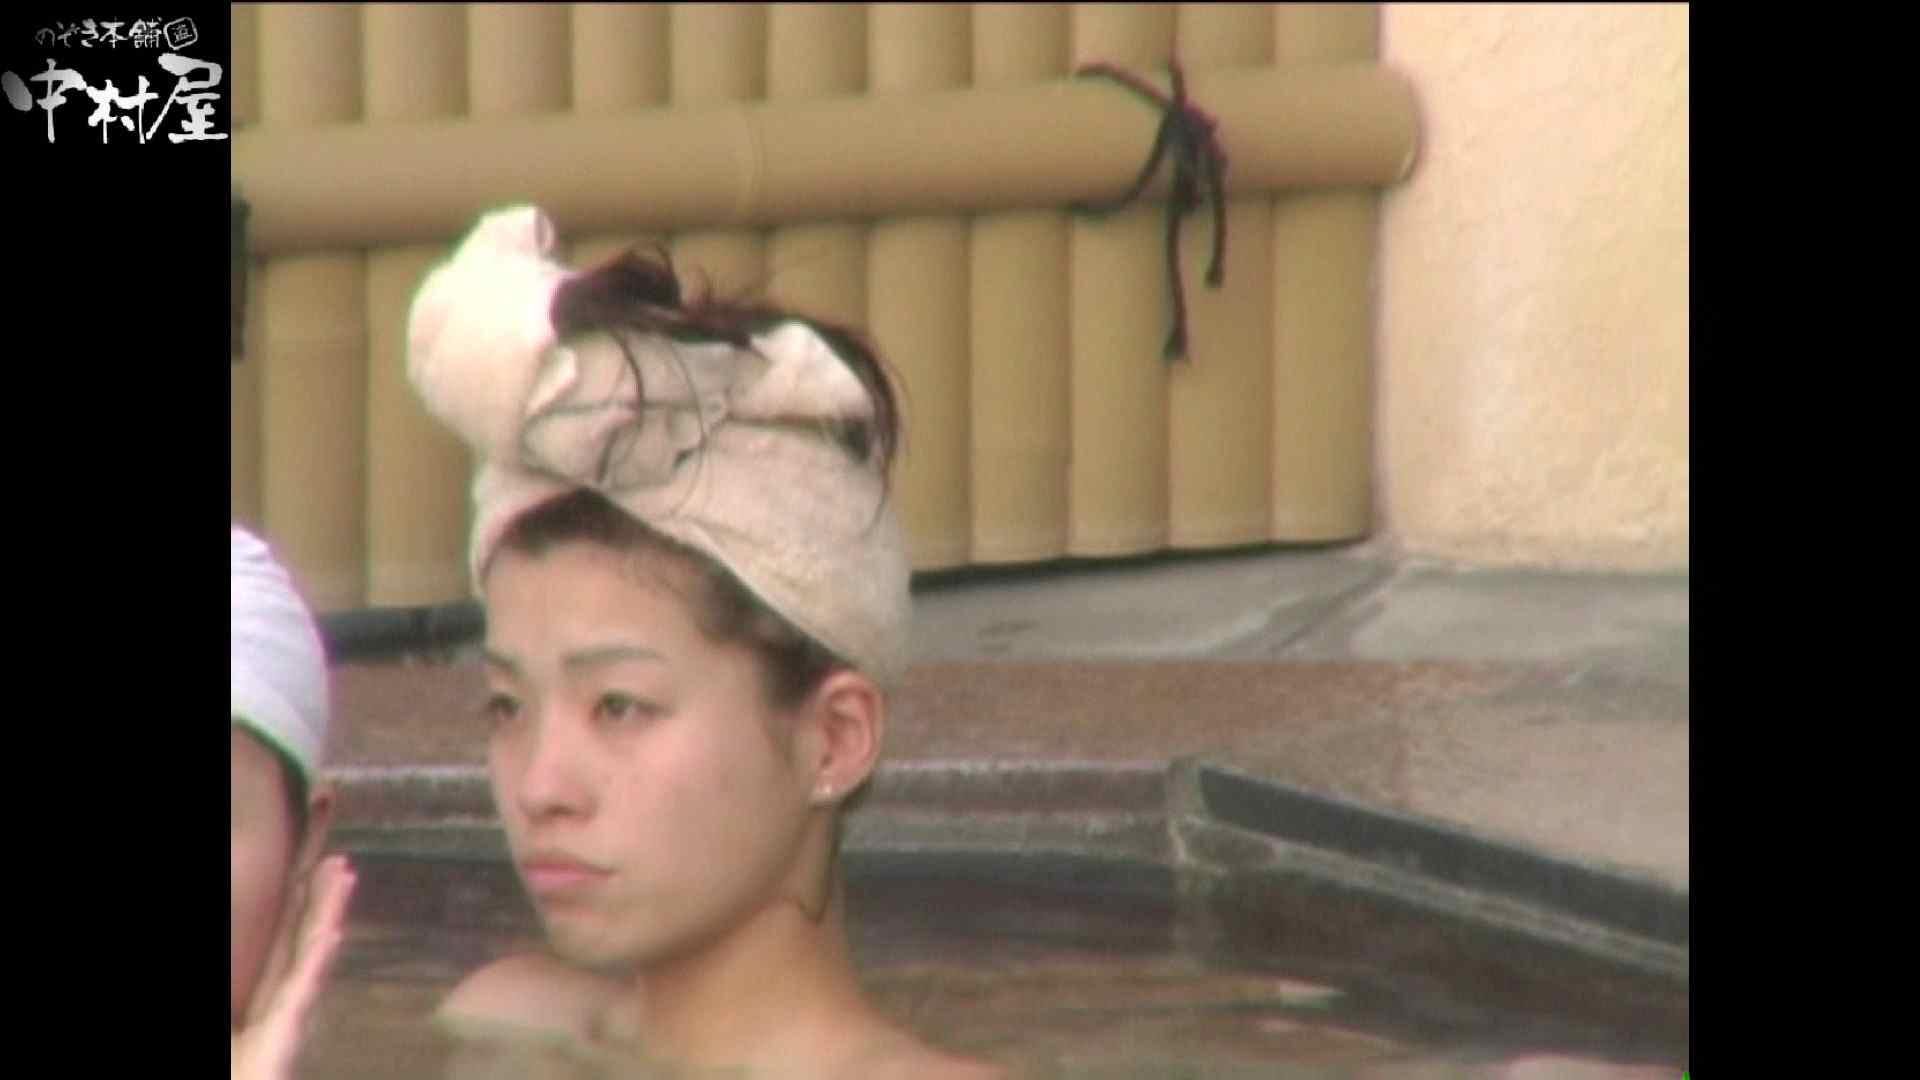 Aquaな露天風呂Vol.979 美しいOLの裸体 | 盗撮師作品  71pic 1